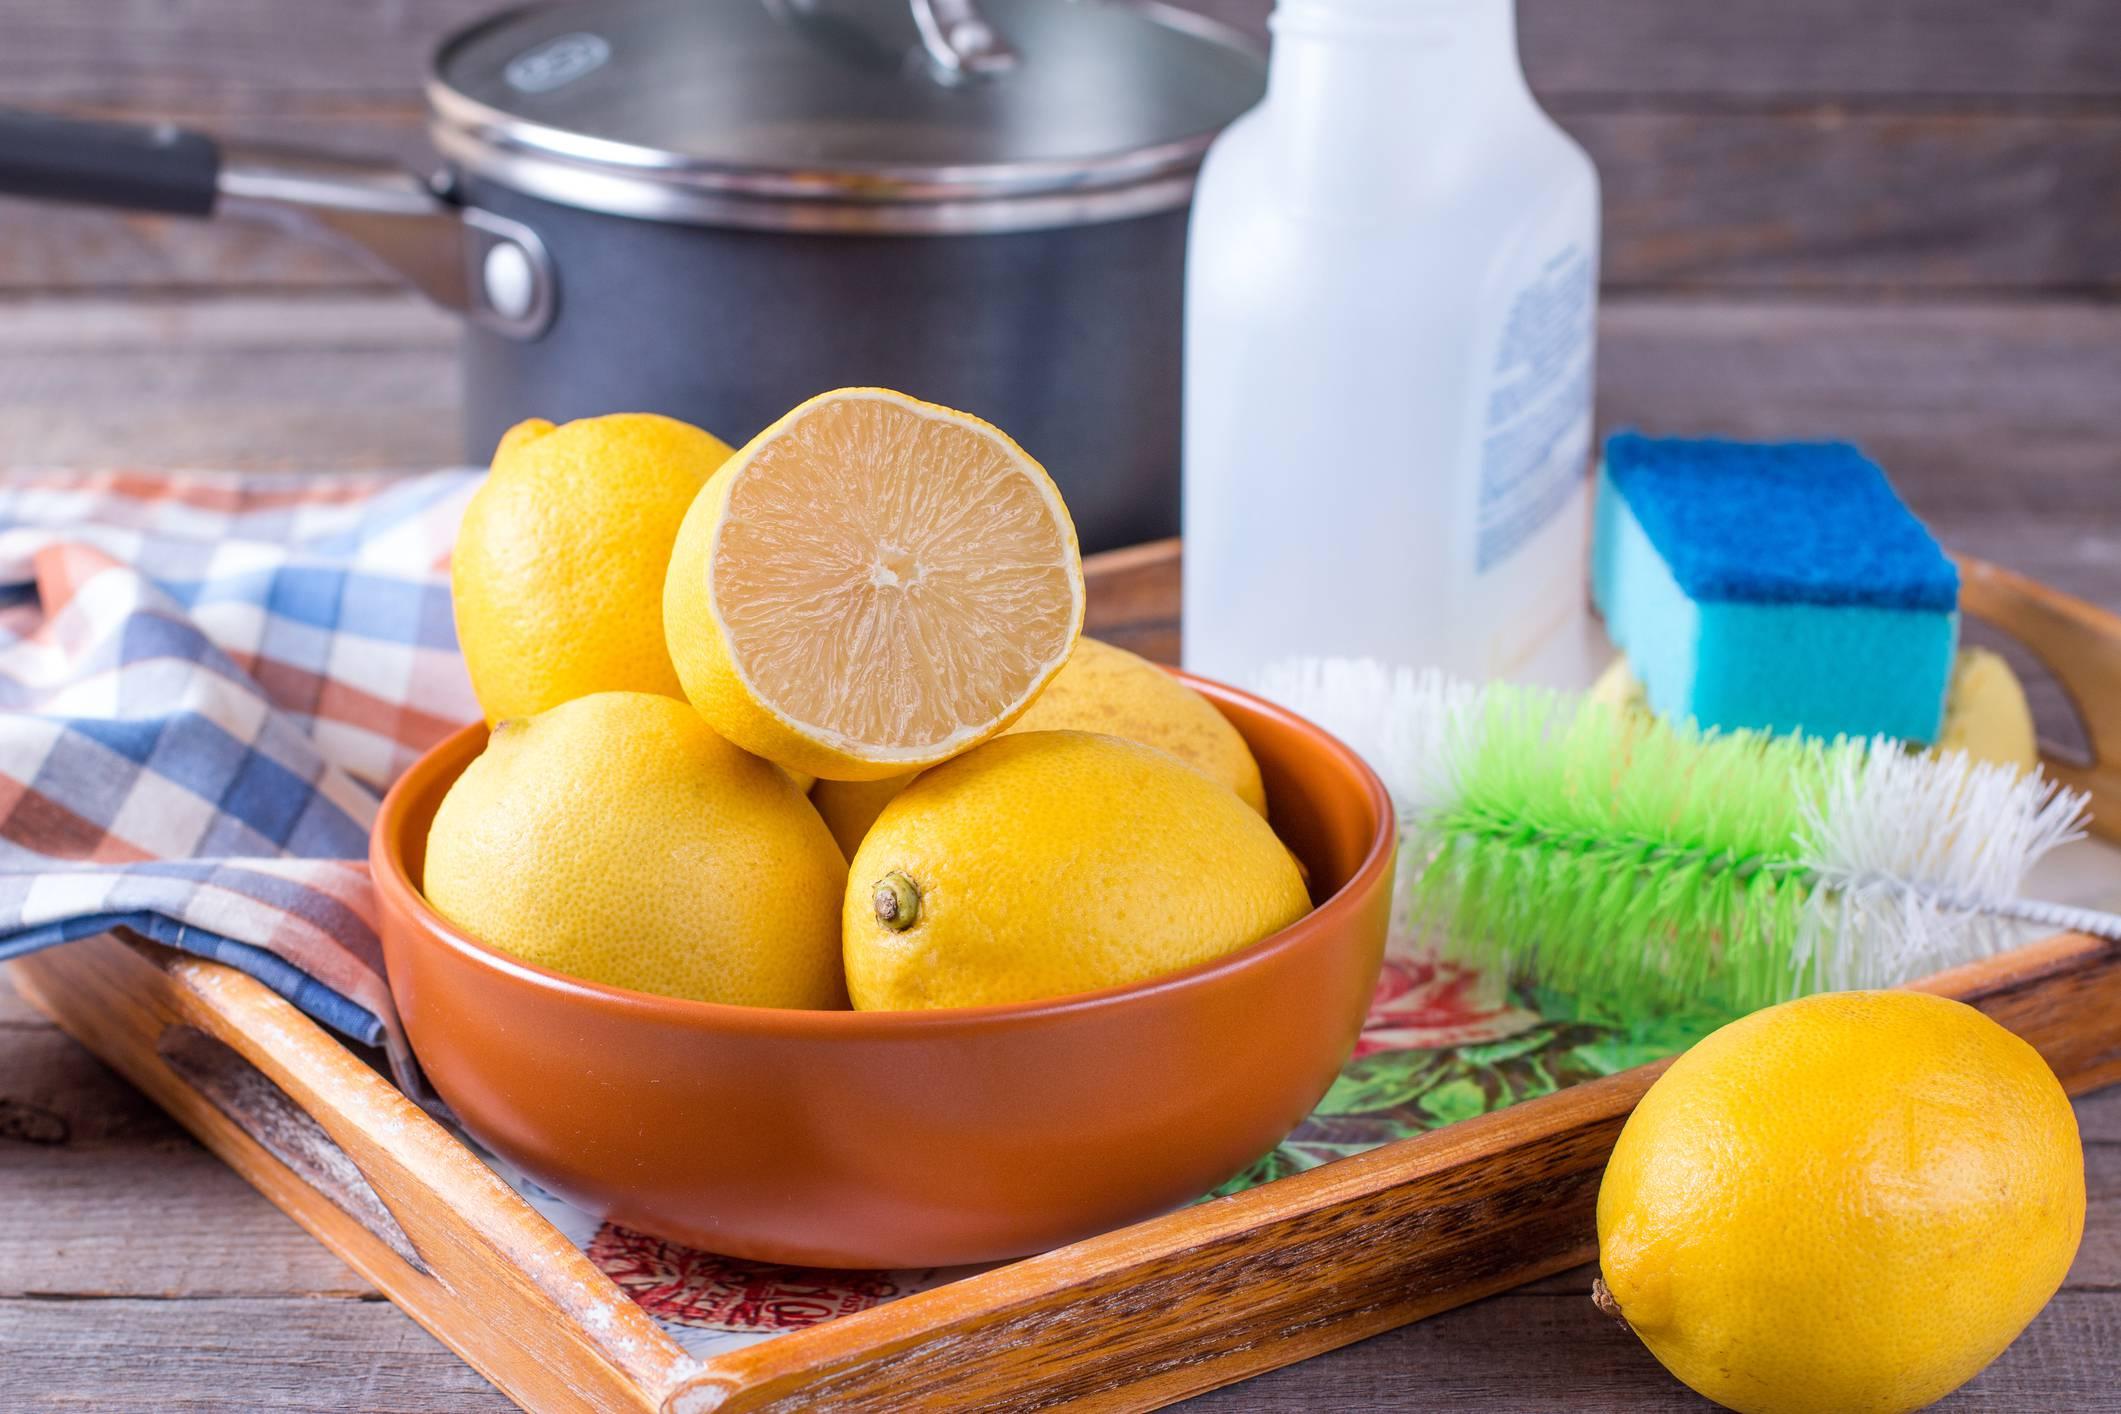 Limone, timo e aceto: il detergente fai da te per pulire casa